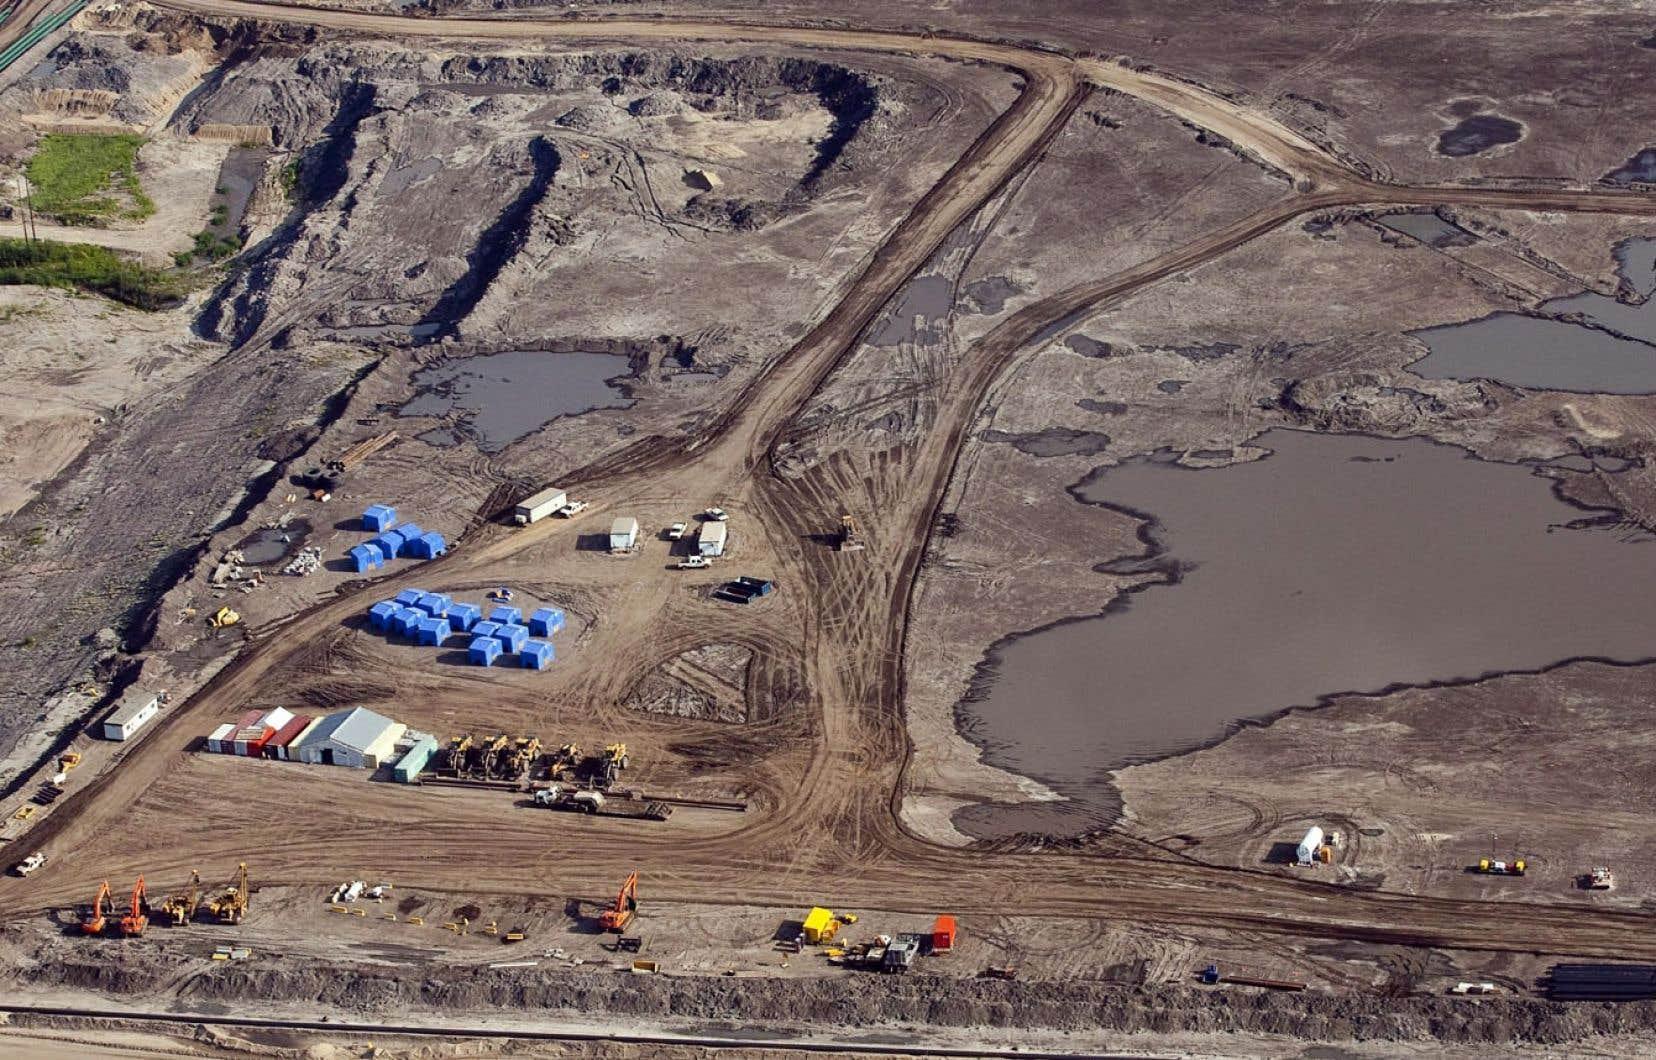 Le Canada fait partie du problème, selon le rapport du groupe écologiste. L'exploitation des sables bitumineux se trouverait en effet au cinquième rang des pires projets en matière d'émissions de carbone, avec 420 millions de tonnes par année en 2020.